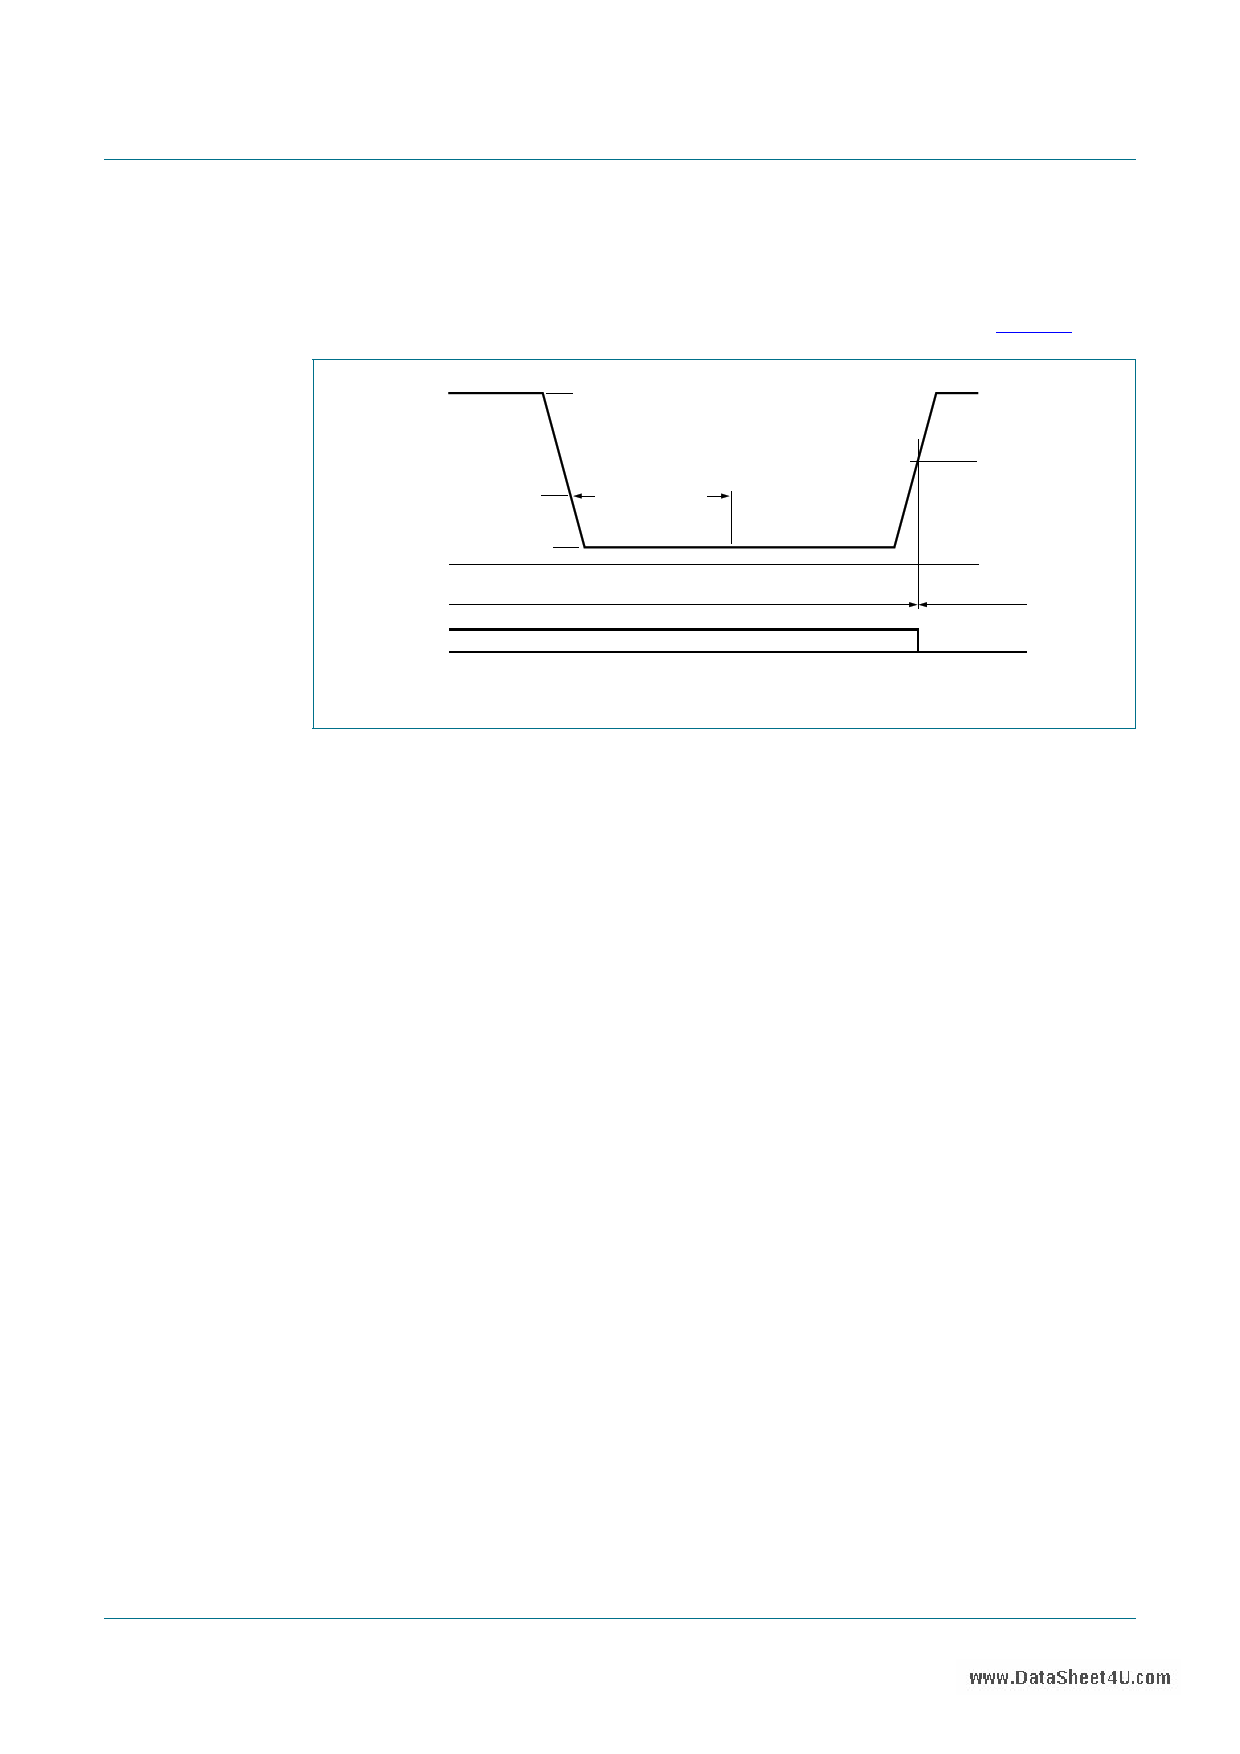 数据手册 tja1028 pdf 下载